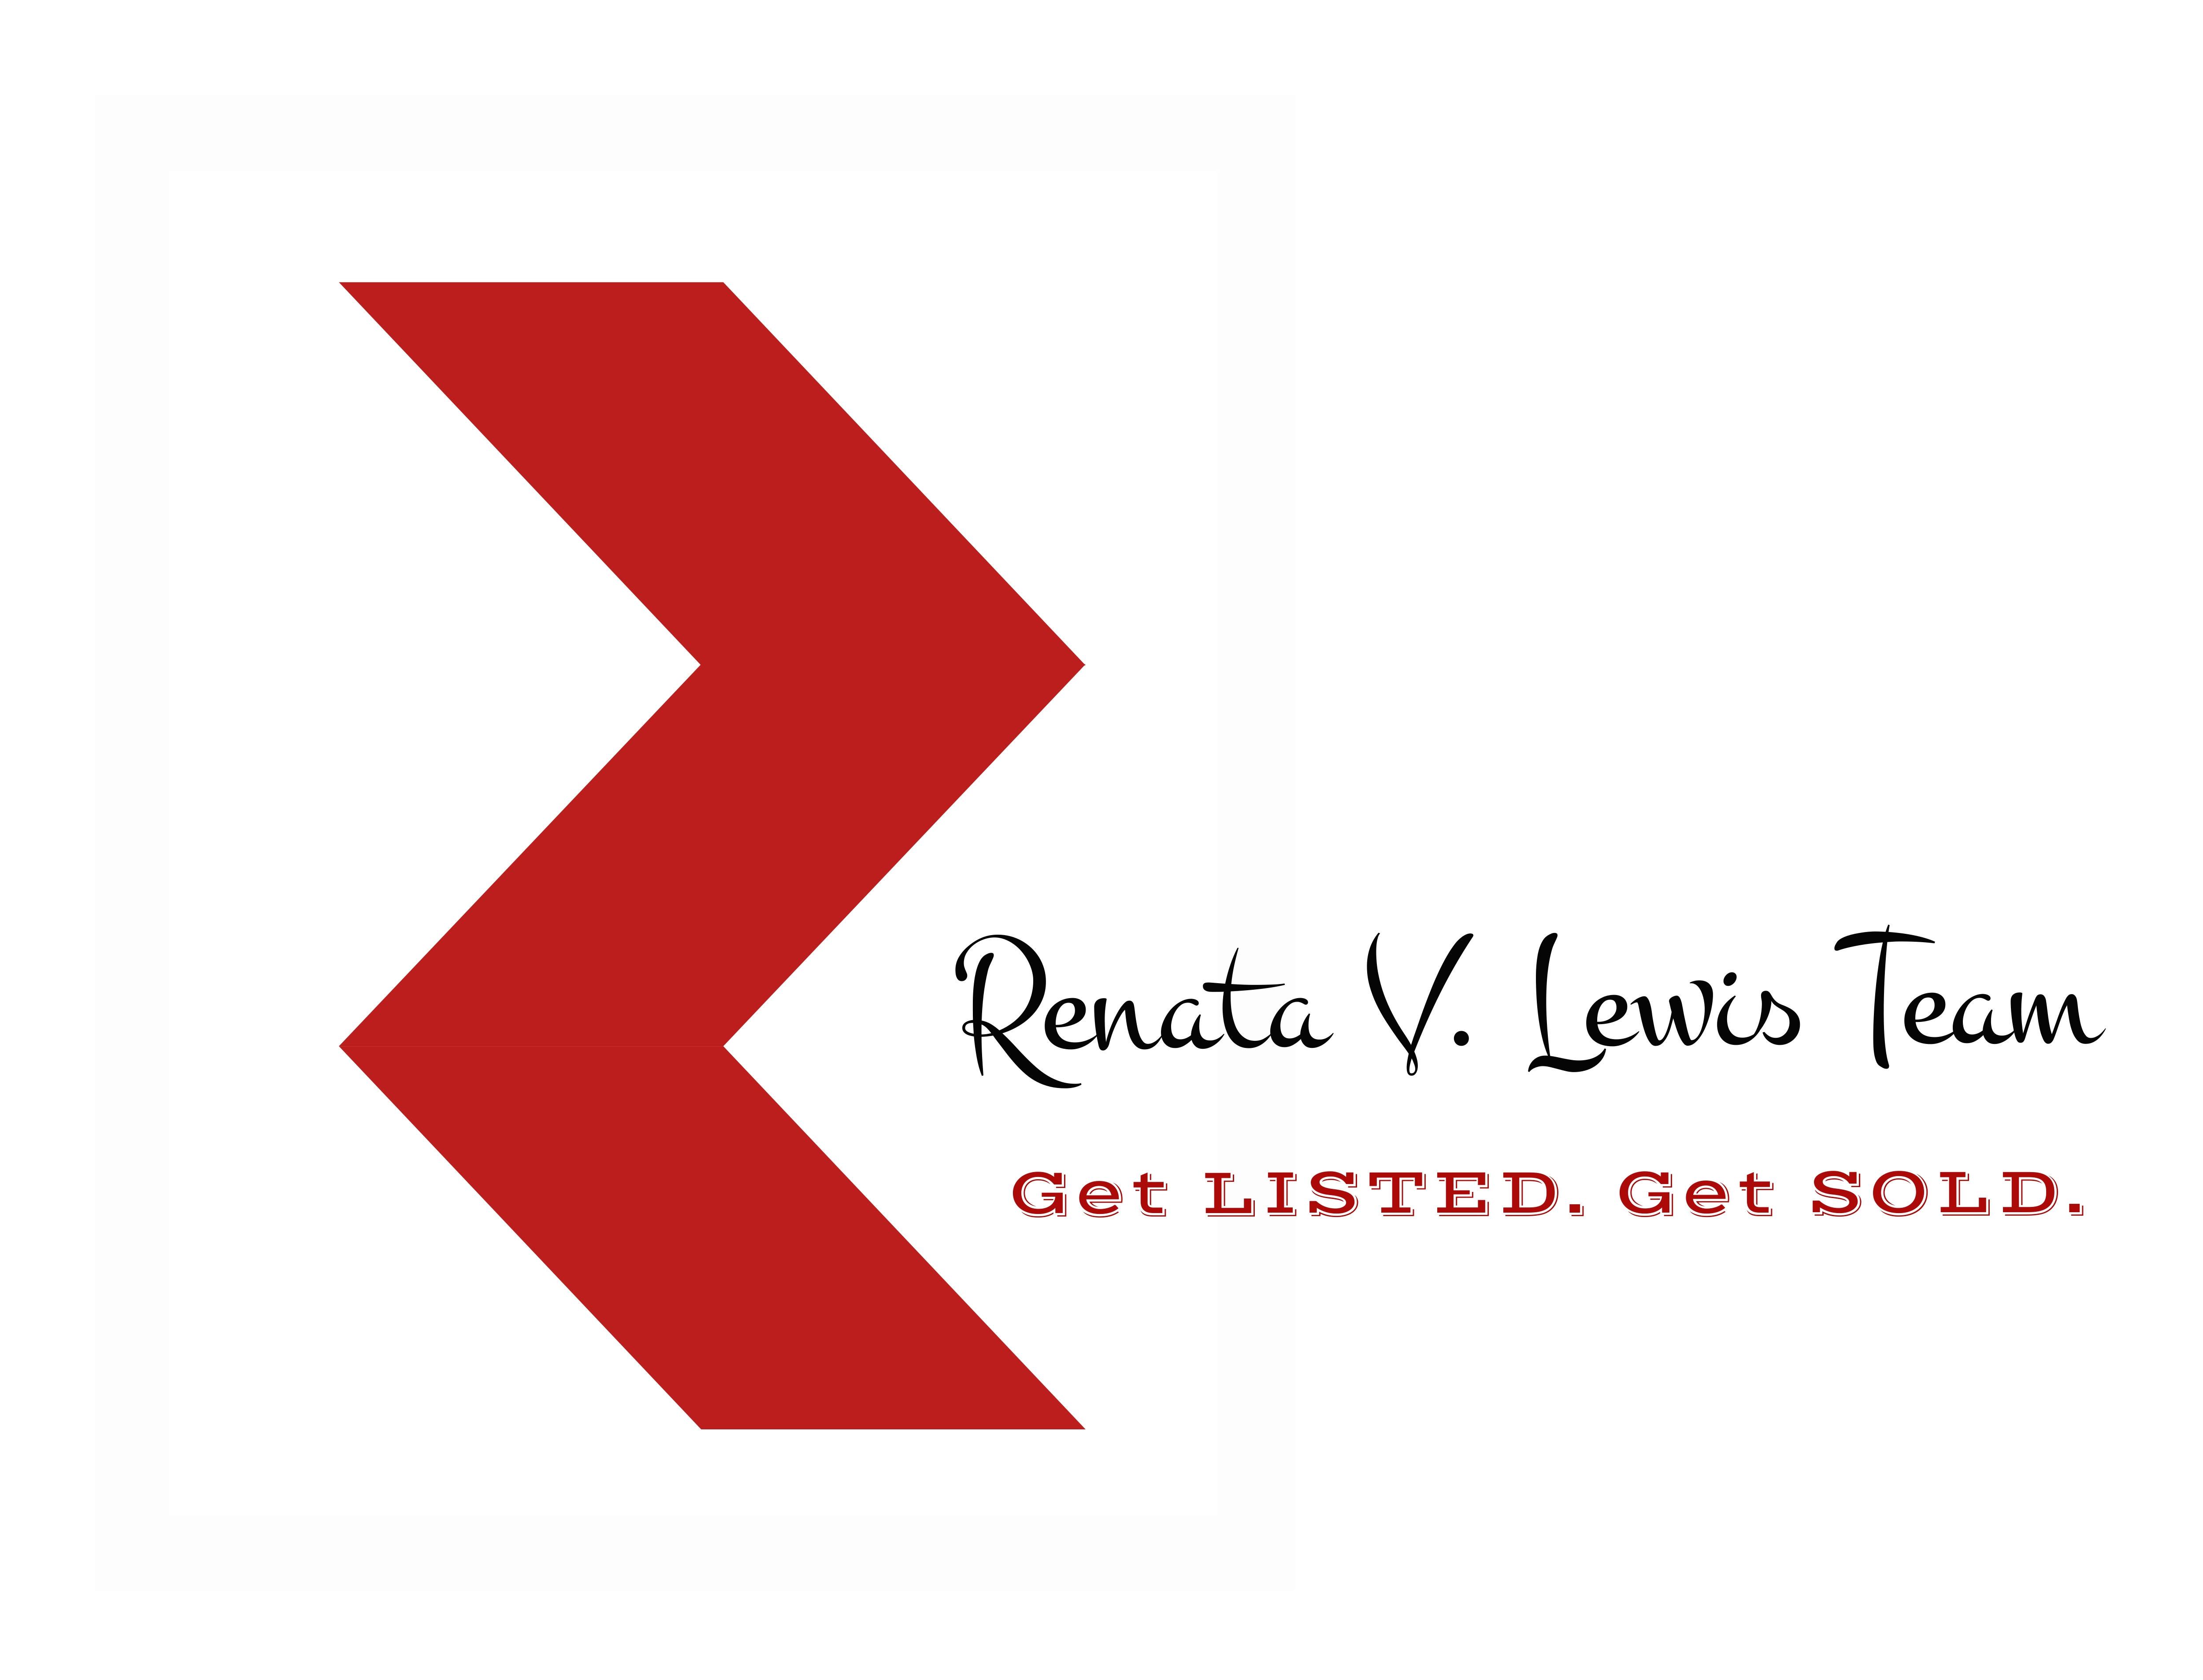 Renata V. Lewis Team